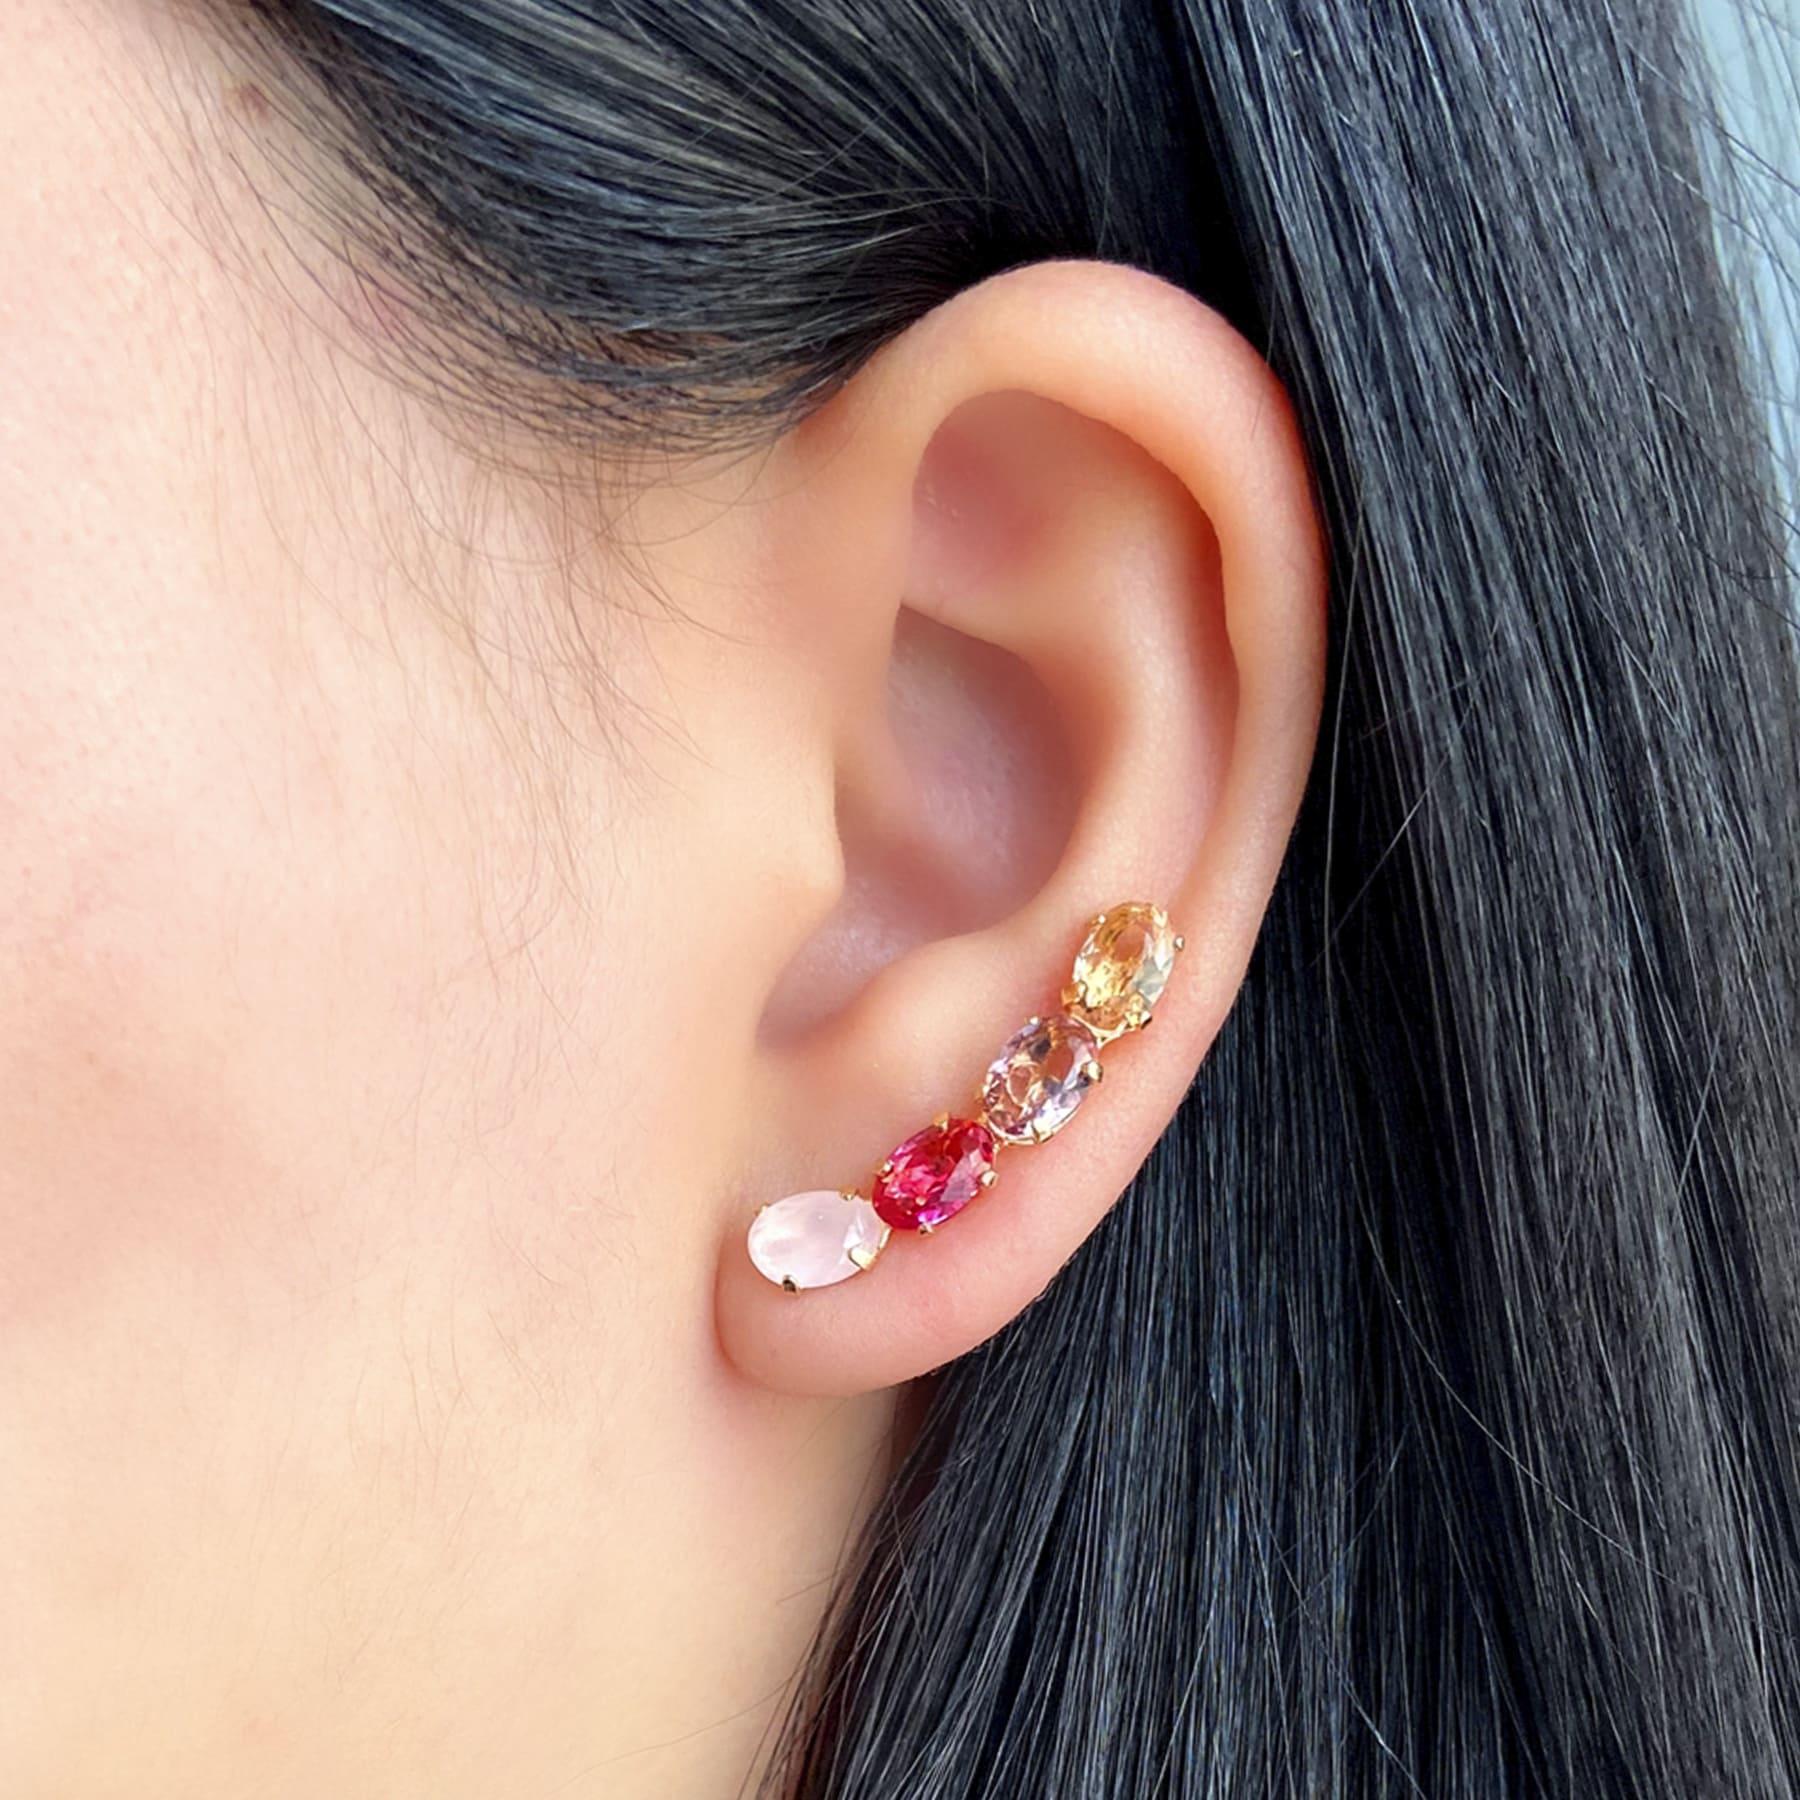 Brinco Ear Cuff Folheado Com Zircônia - Natureza